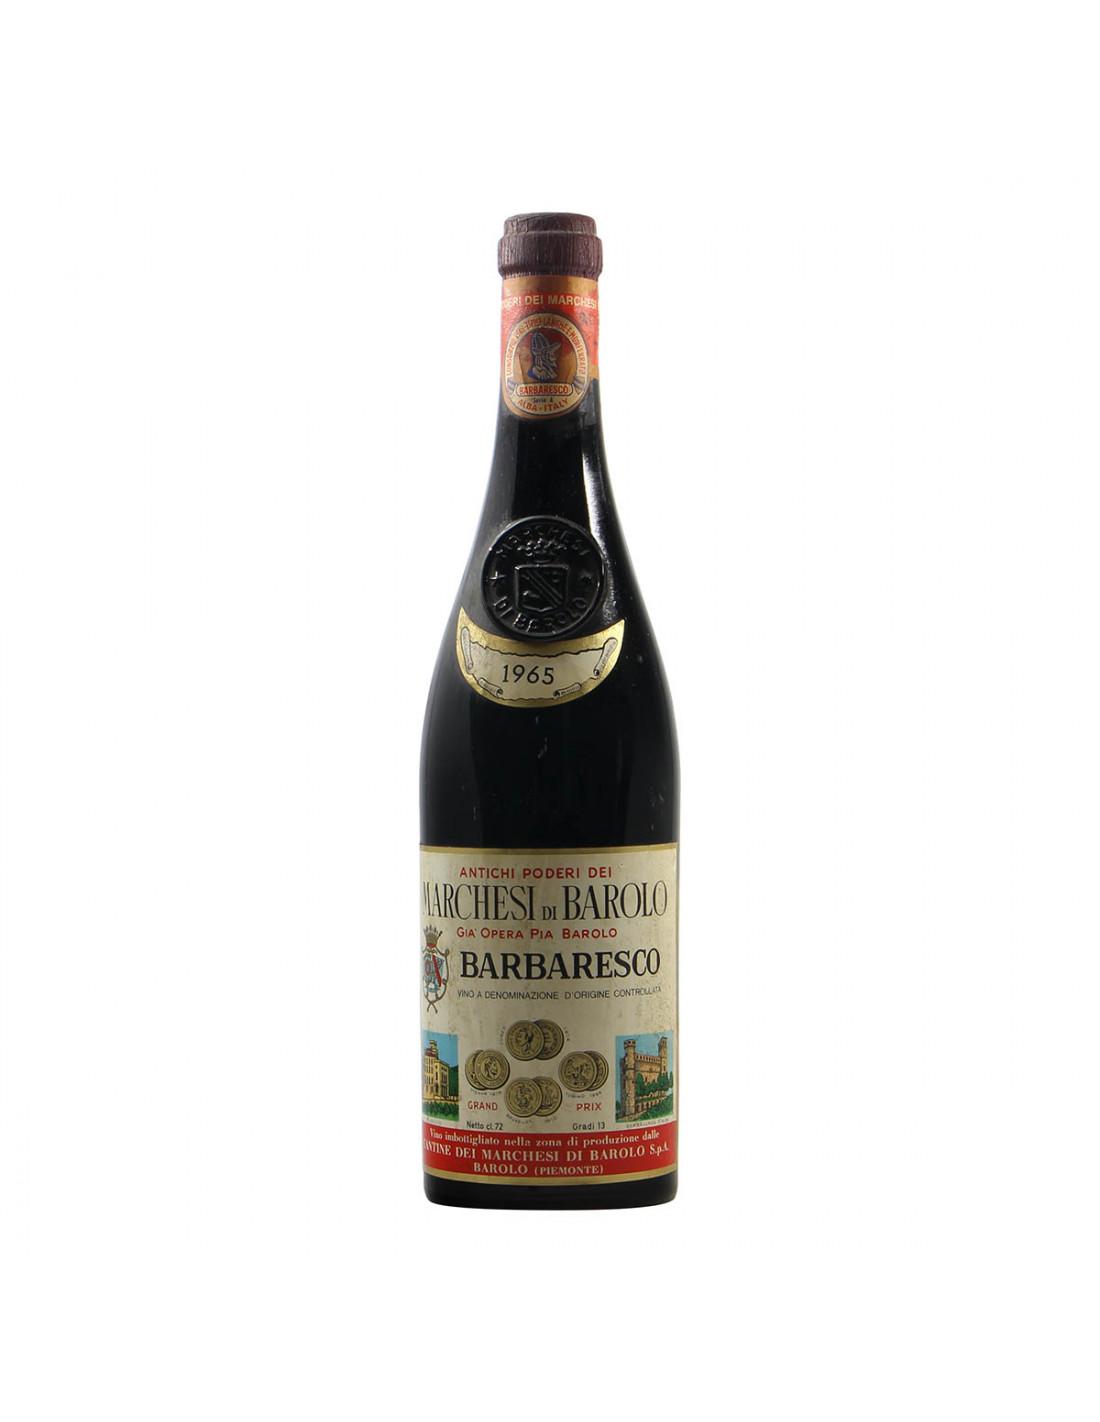 Marchesi di Barolo Barbaresco 1965 Grandi Bottiglie